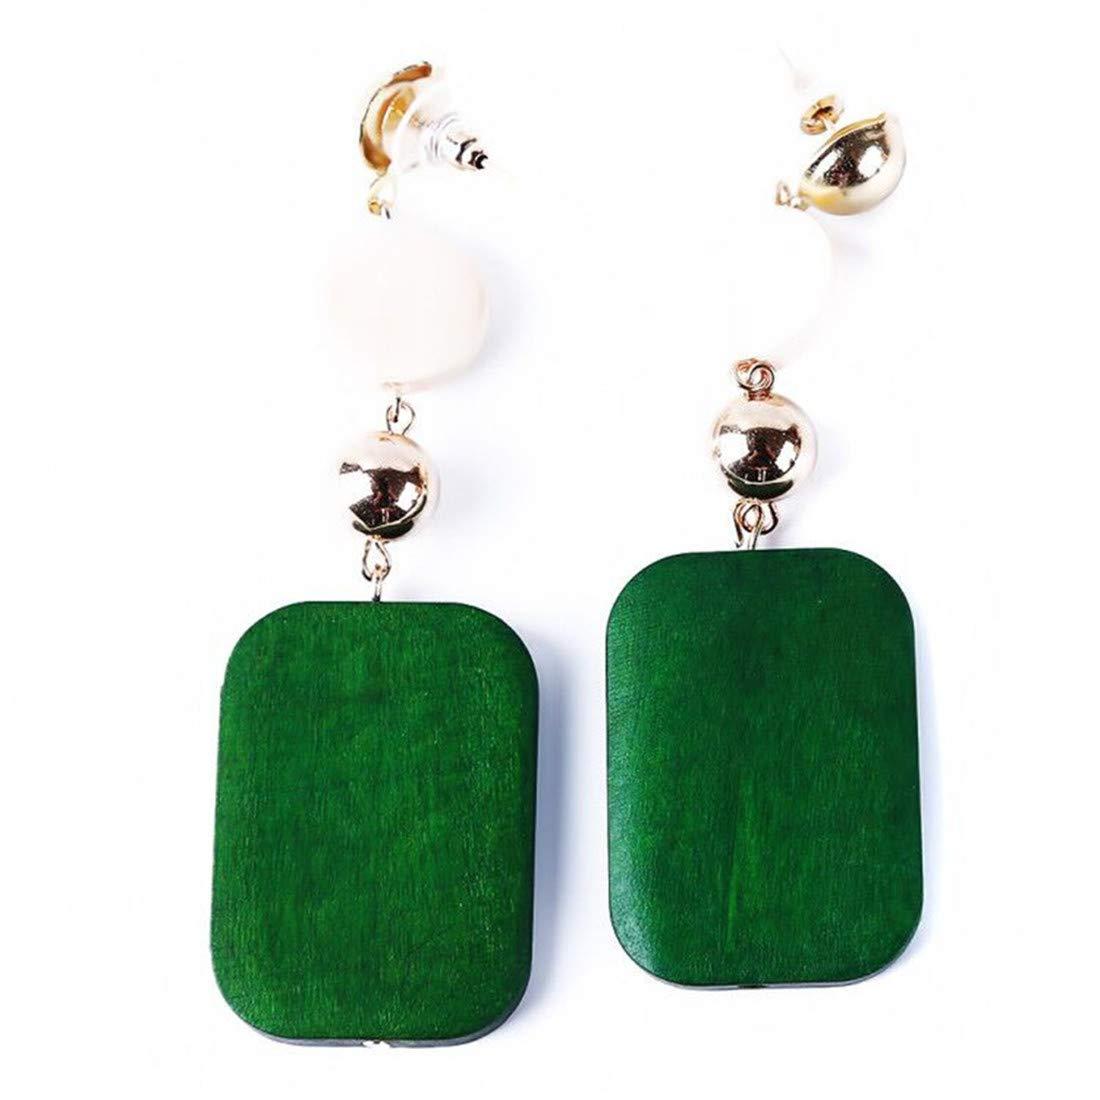 VWH Wooden Earrings Wood Pendant Earrings Ethnic Earrings Circle Earrings Geometric Earrings Banquet Gift(Green)